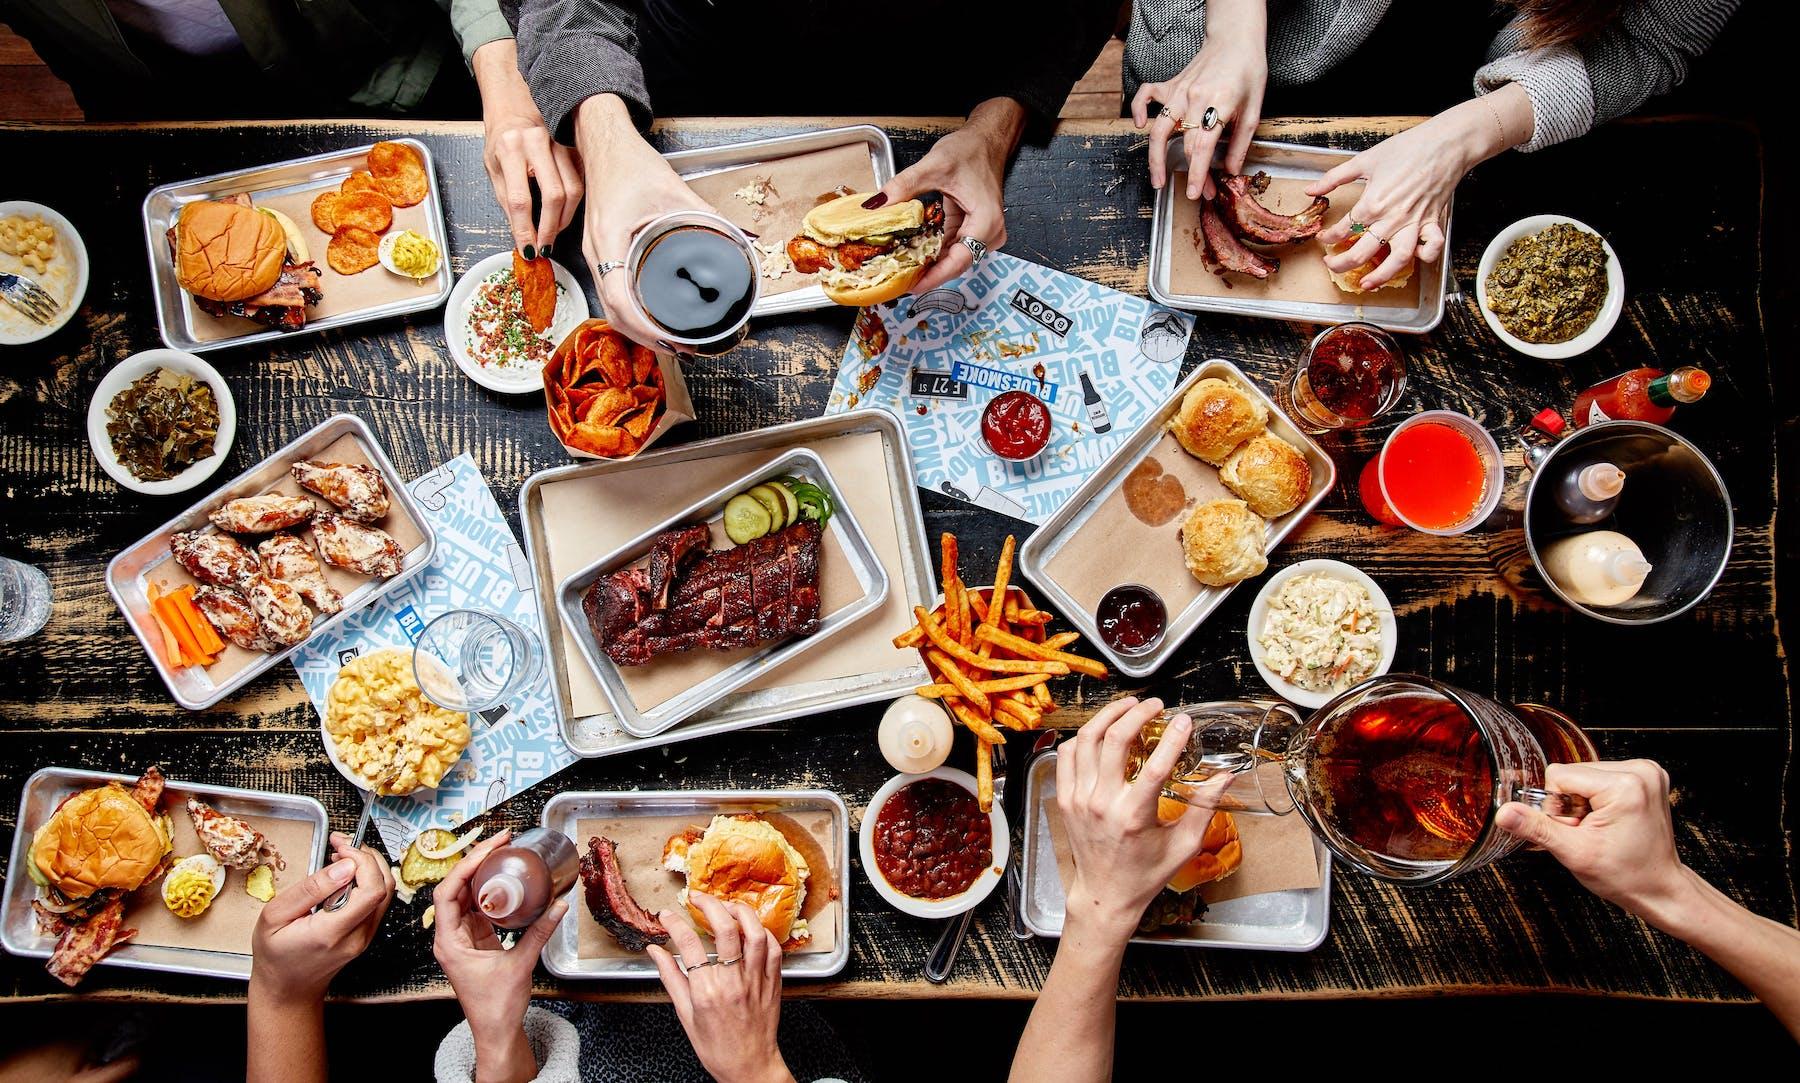 Group of people eating food